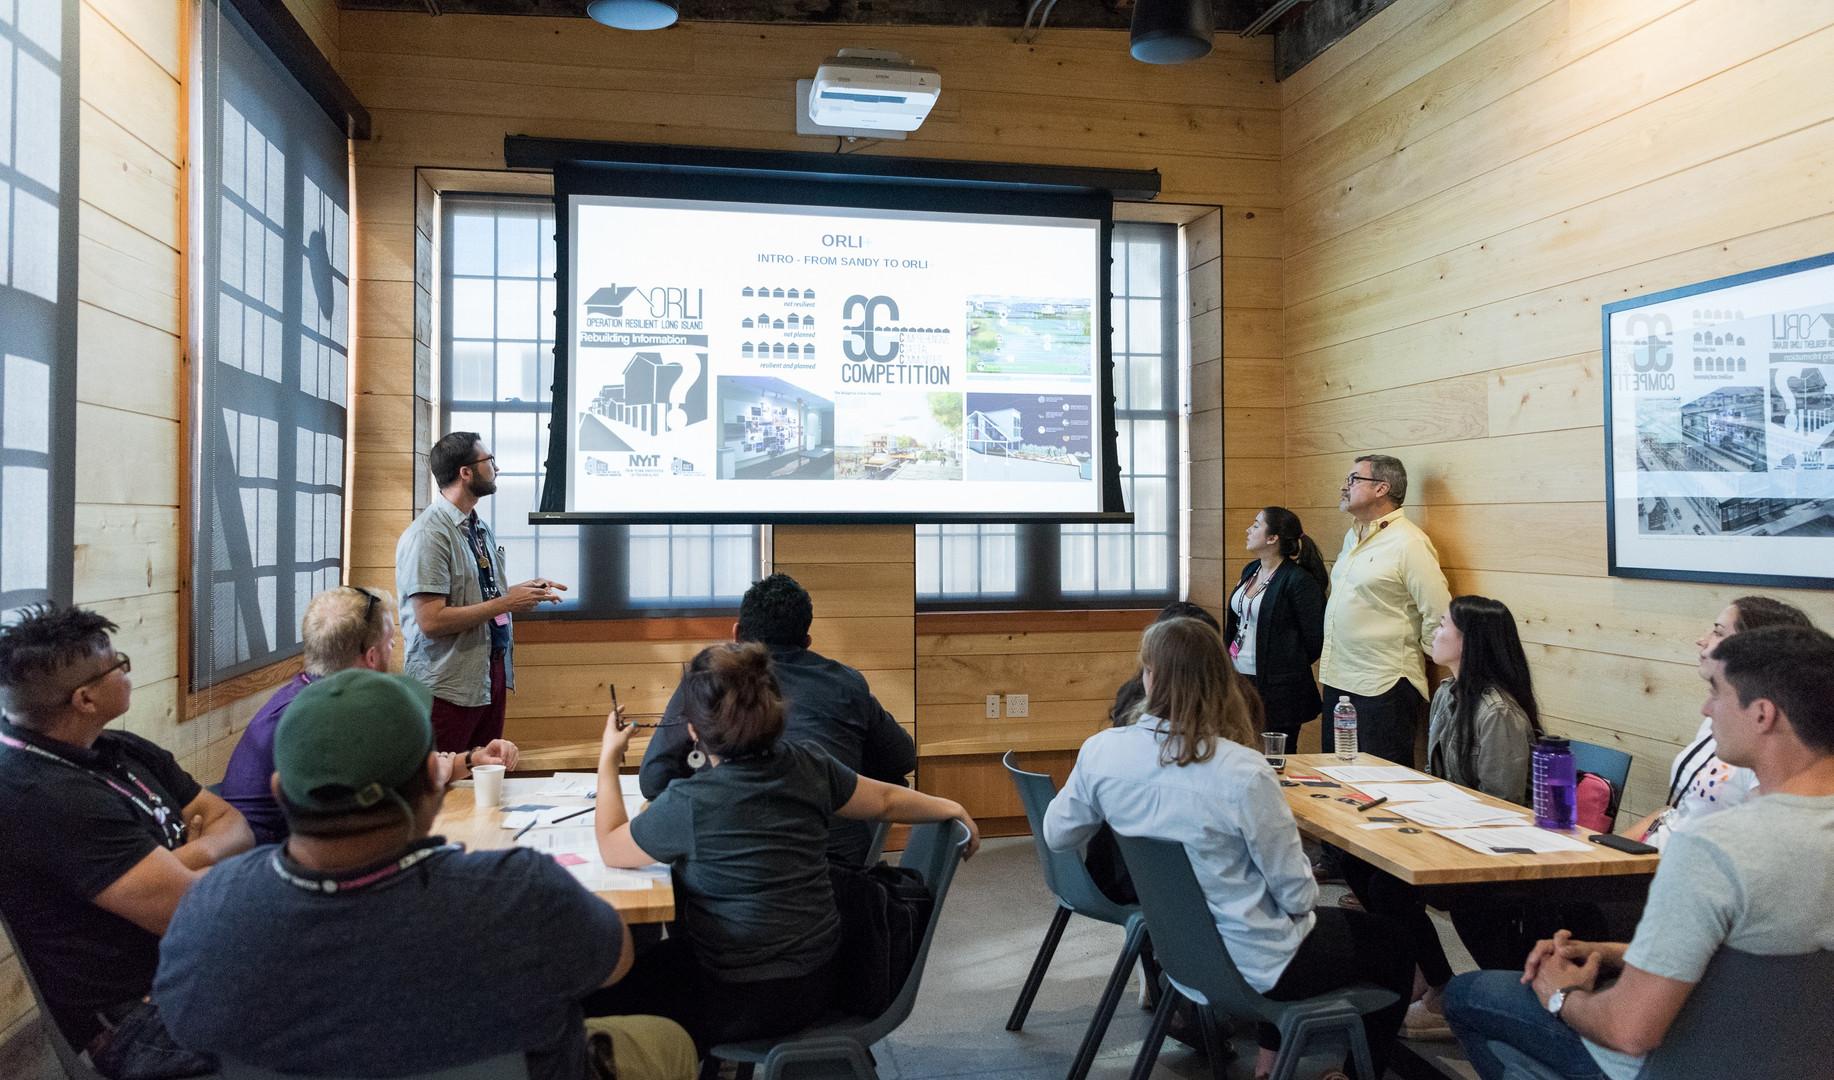 Meeting Breakout Space in Redd Board Room